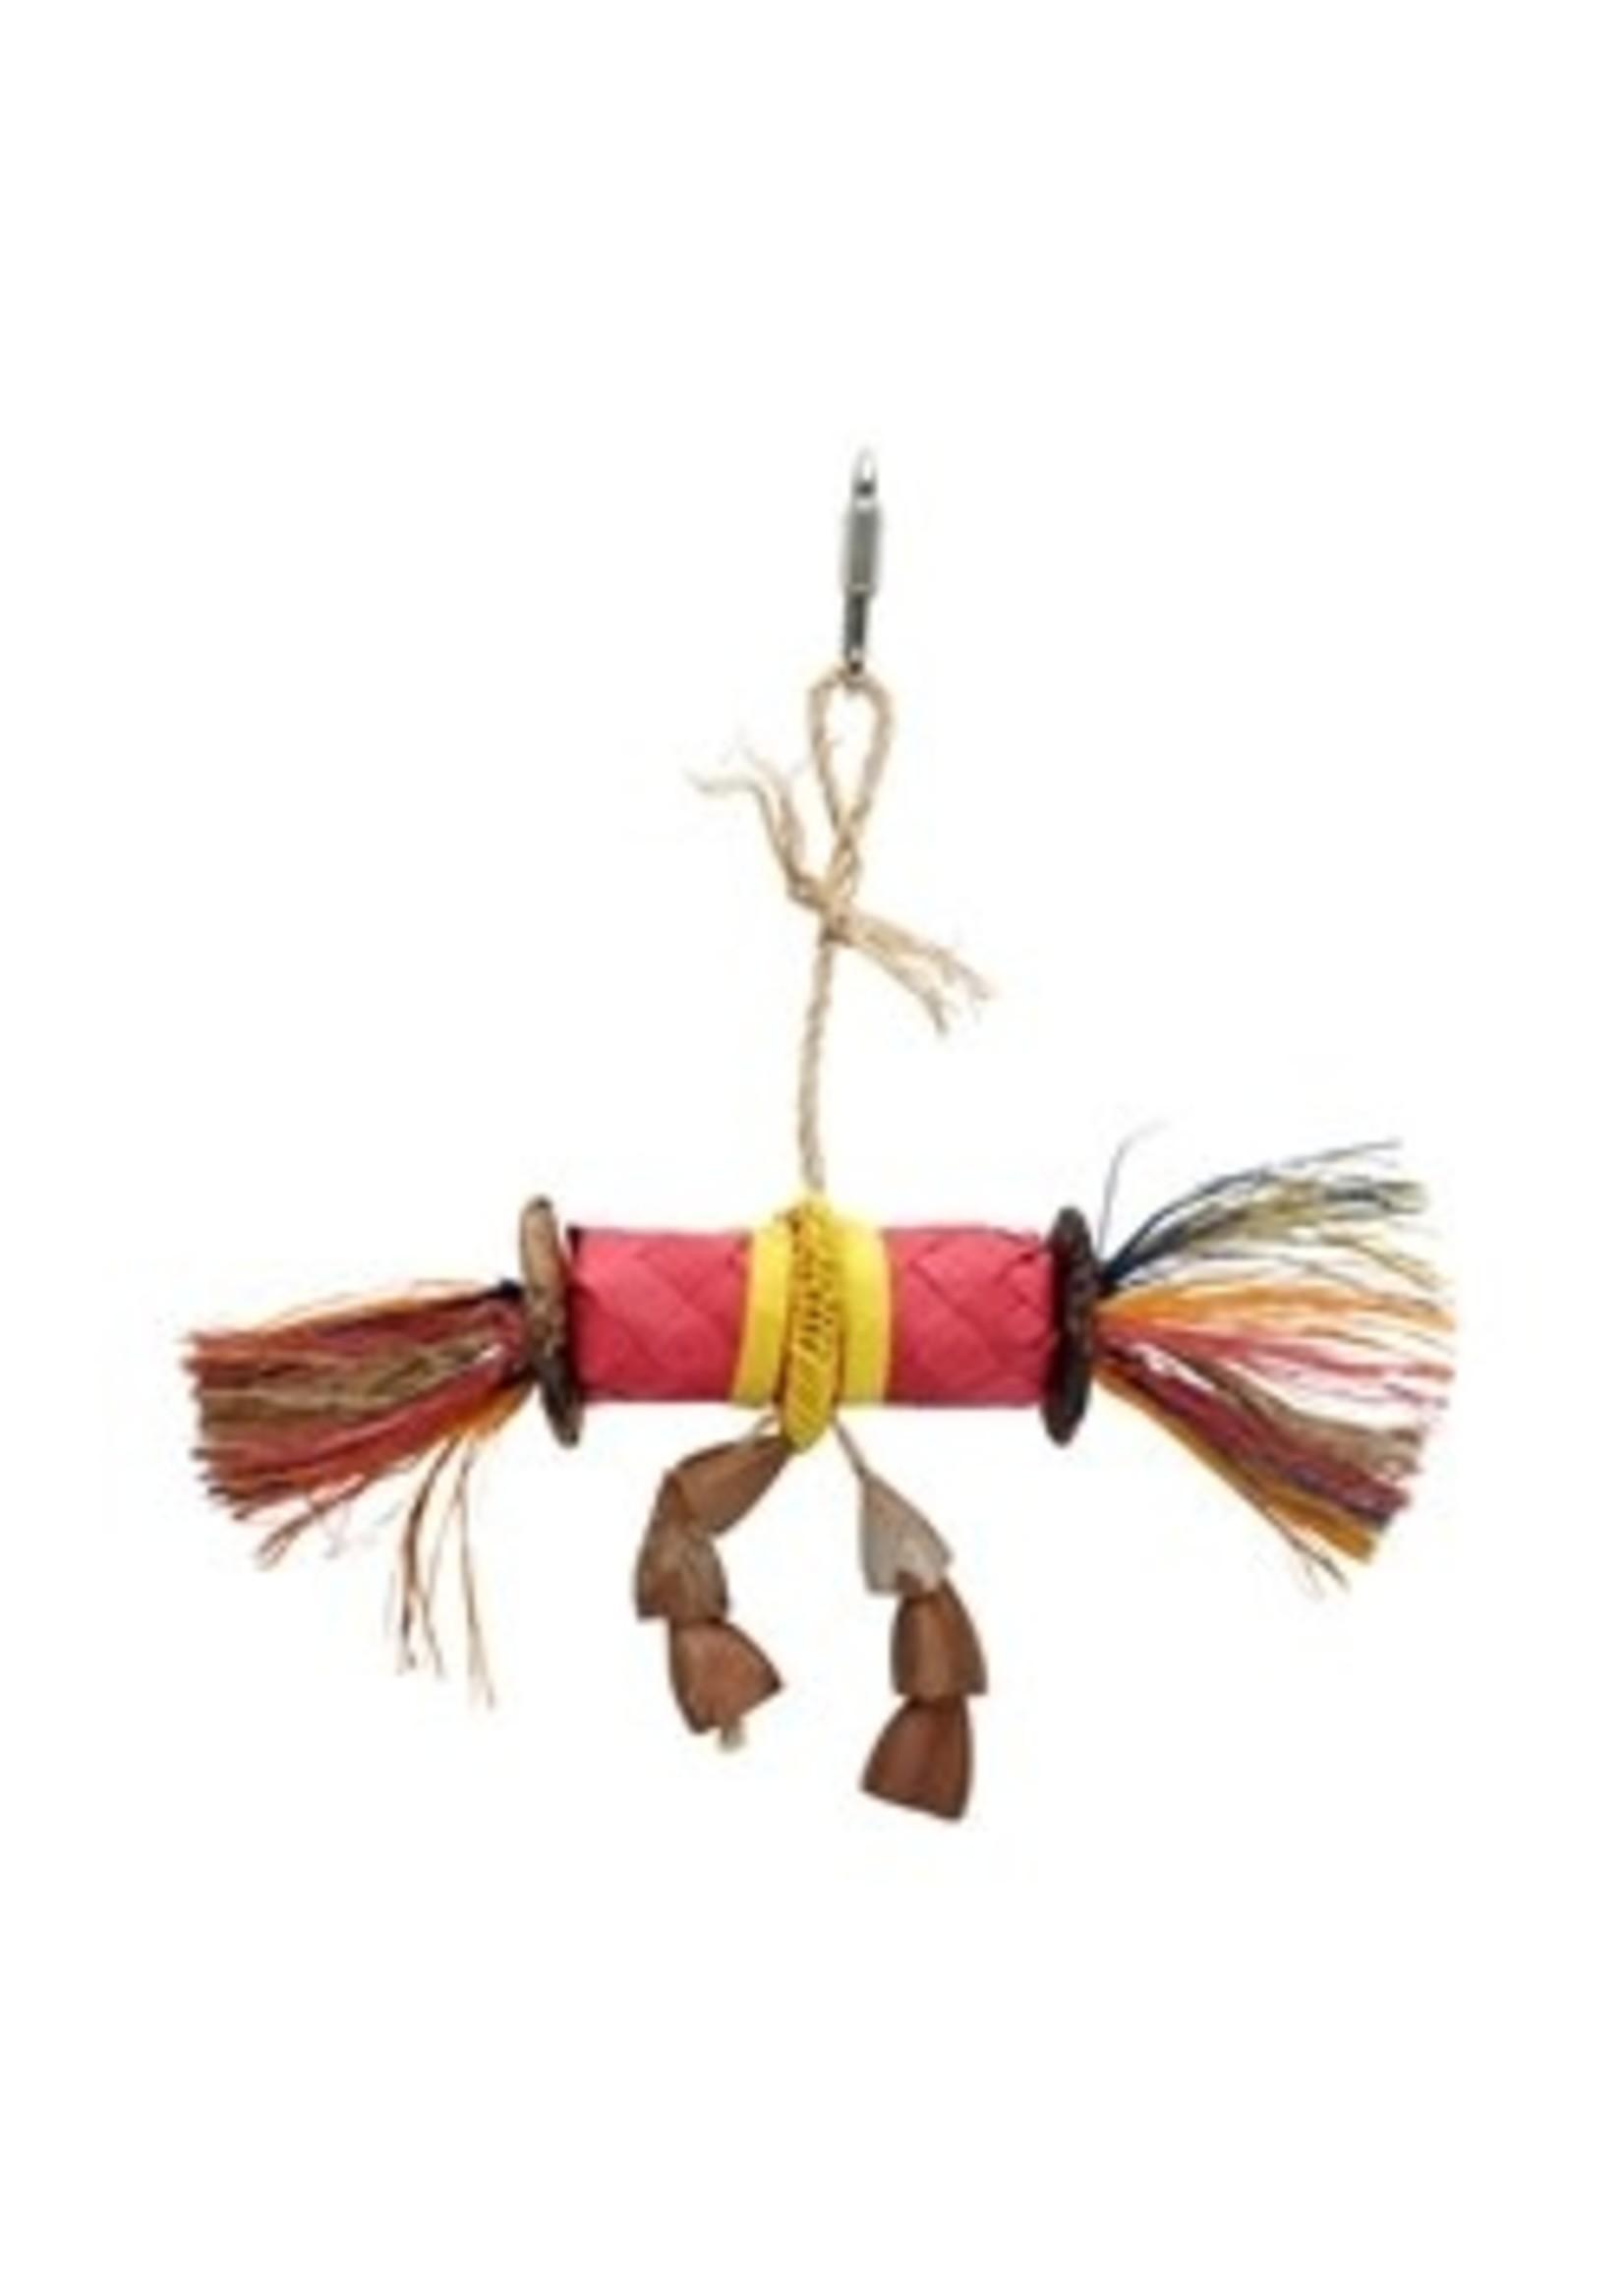 Hagen Hagen HARI Rustic Treasures Bird Toy Buri Wrap Color - Small 81204